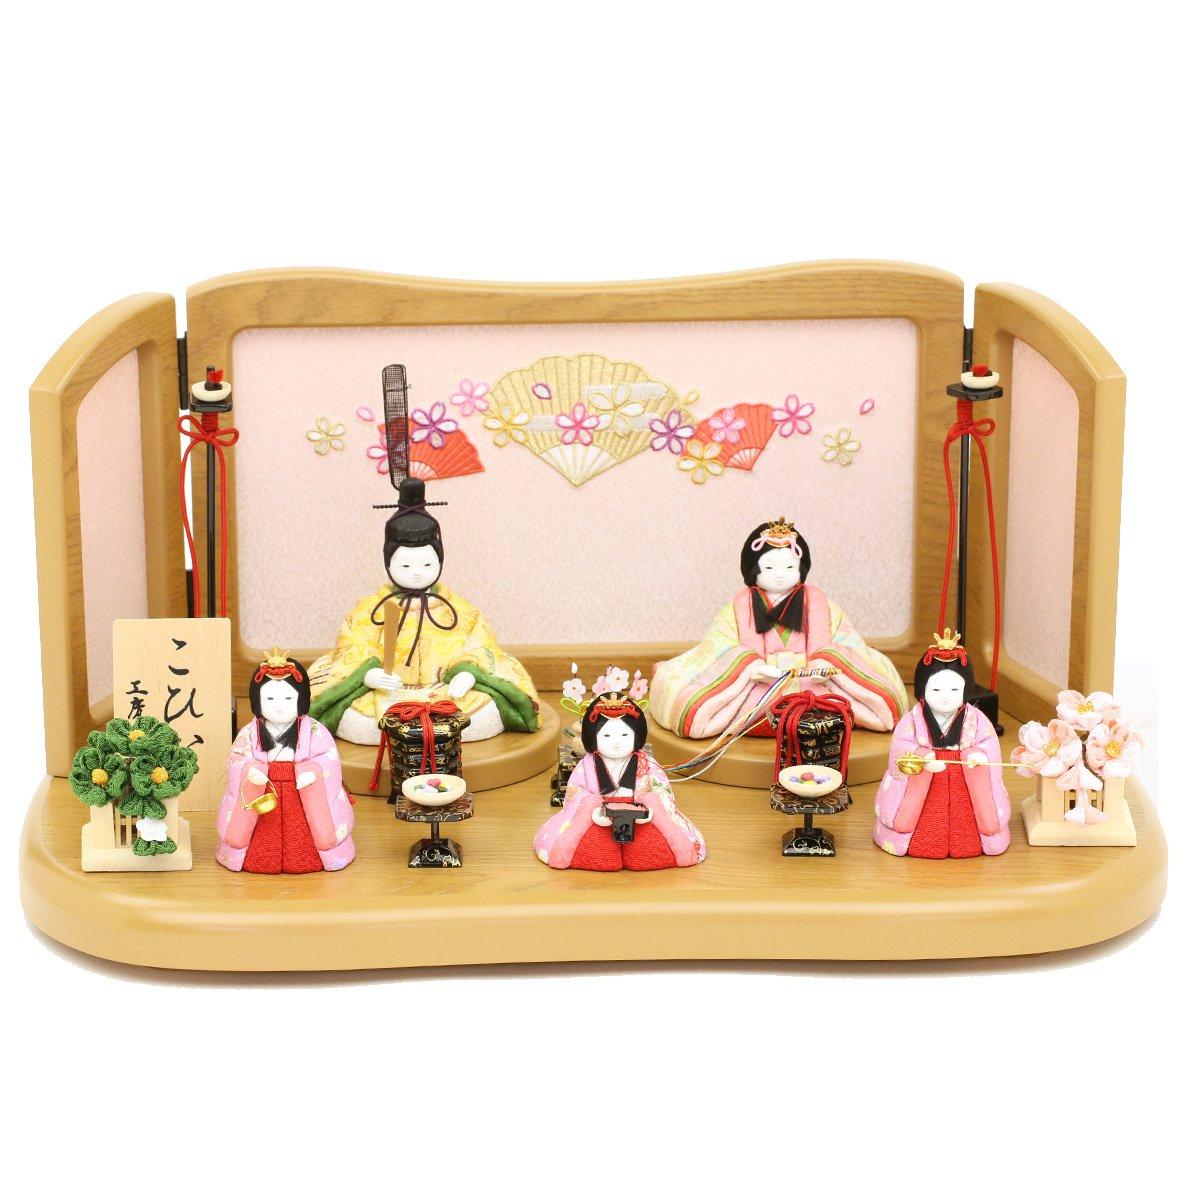 人形工房天祥 雛人形 こひな 五人飾り 木目込み「こひな 桜扇シリーズ 古典文様柄」   B077QMNMHY